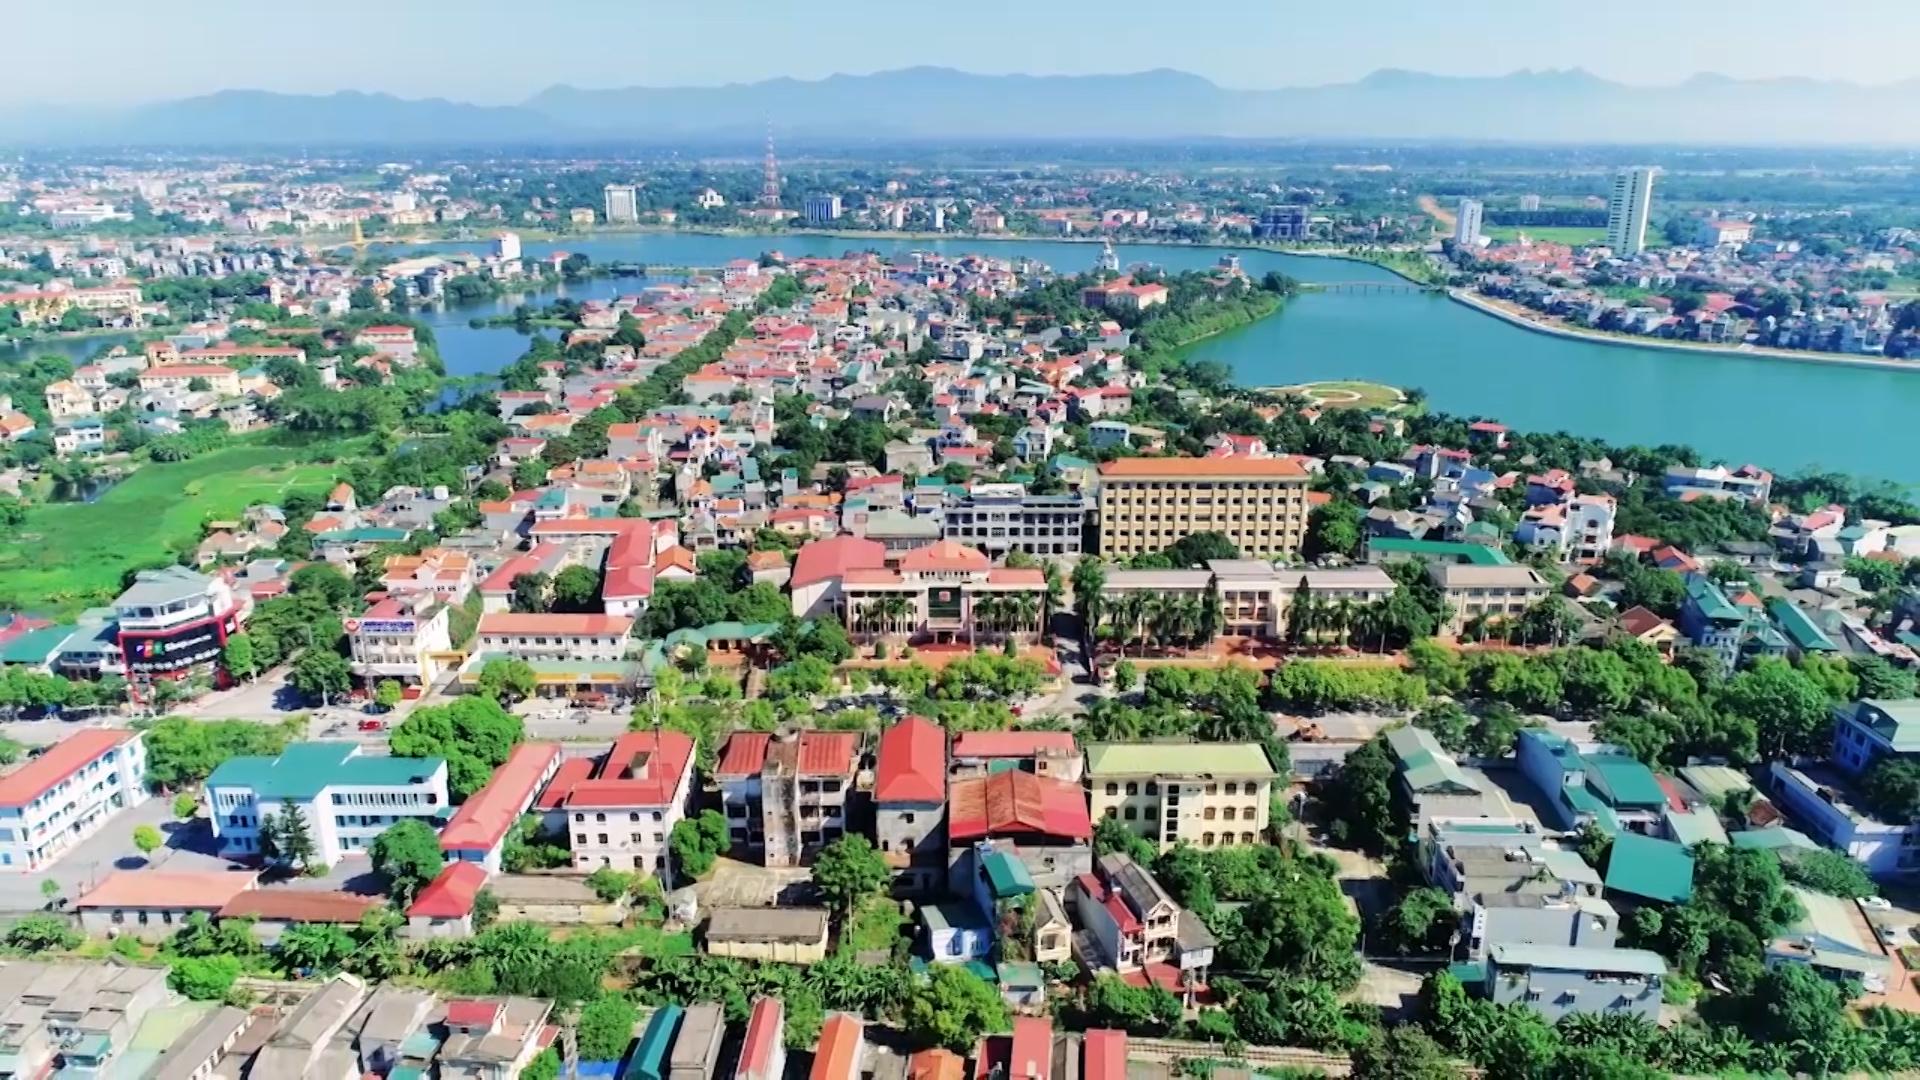 Bảng giá đất Phú Thọ giai đoạn 2021-2024 - Ảnh 1.